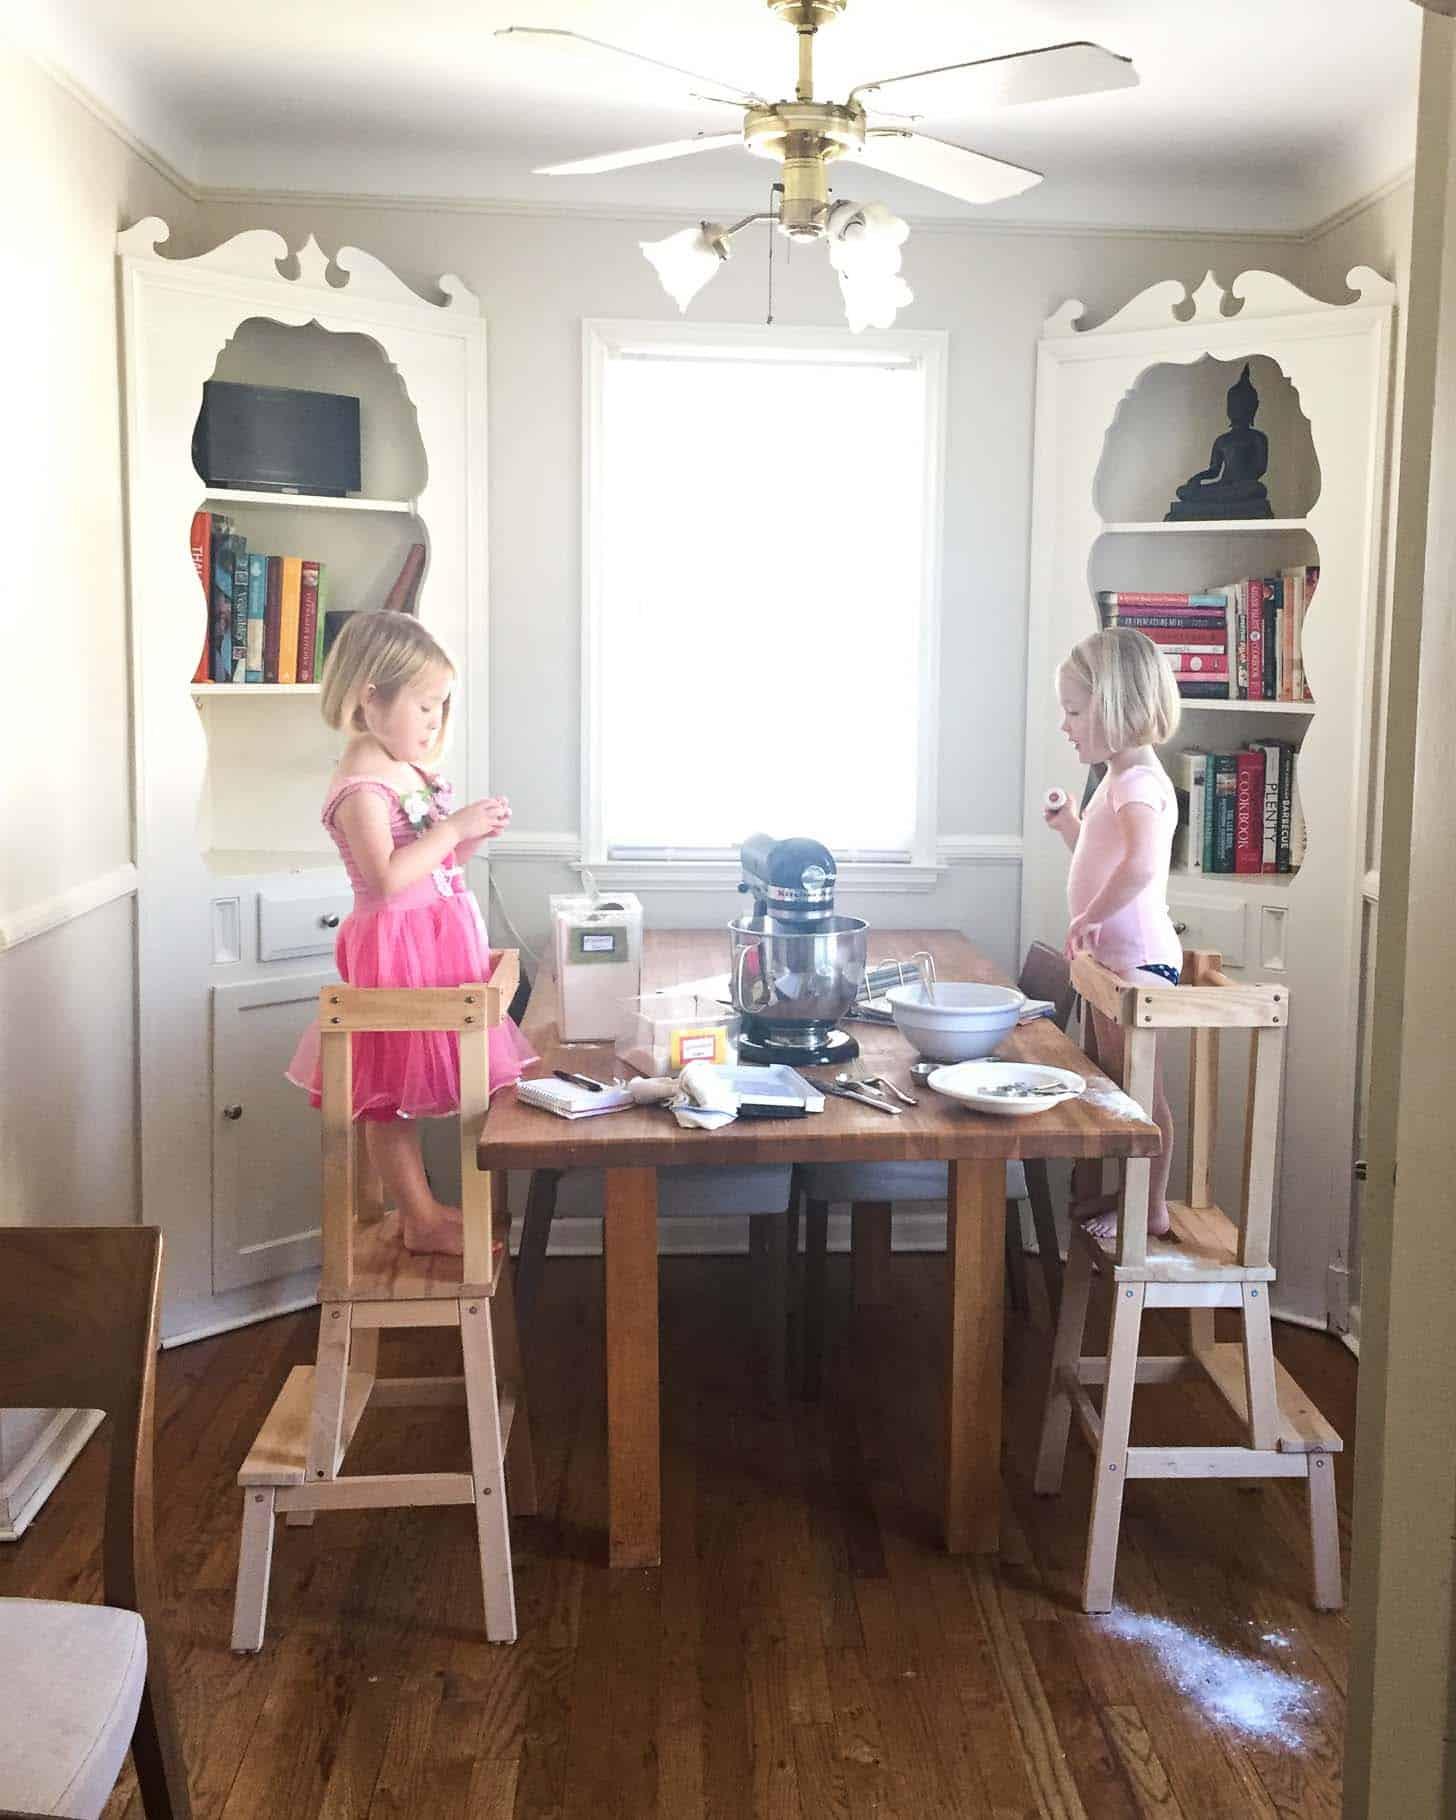 Molly and Clara_Baking Christmas Cookies